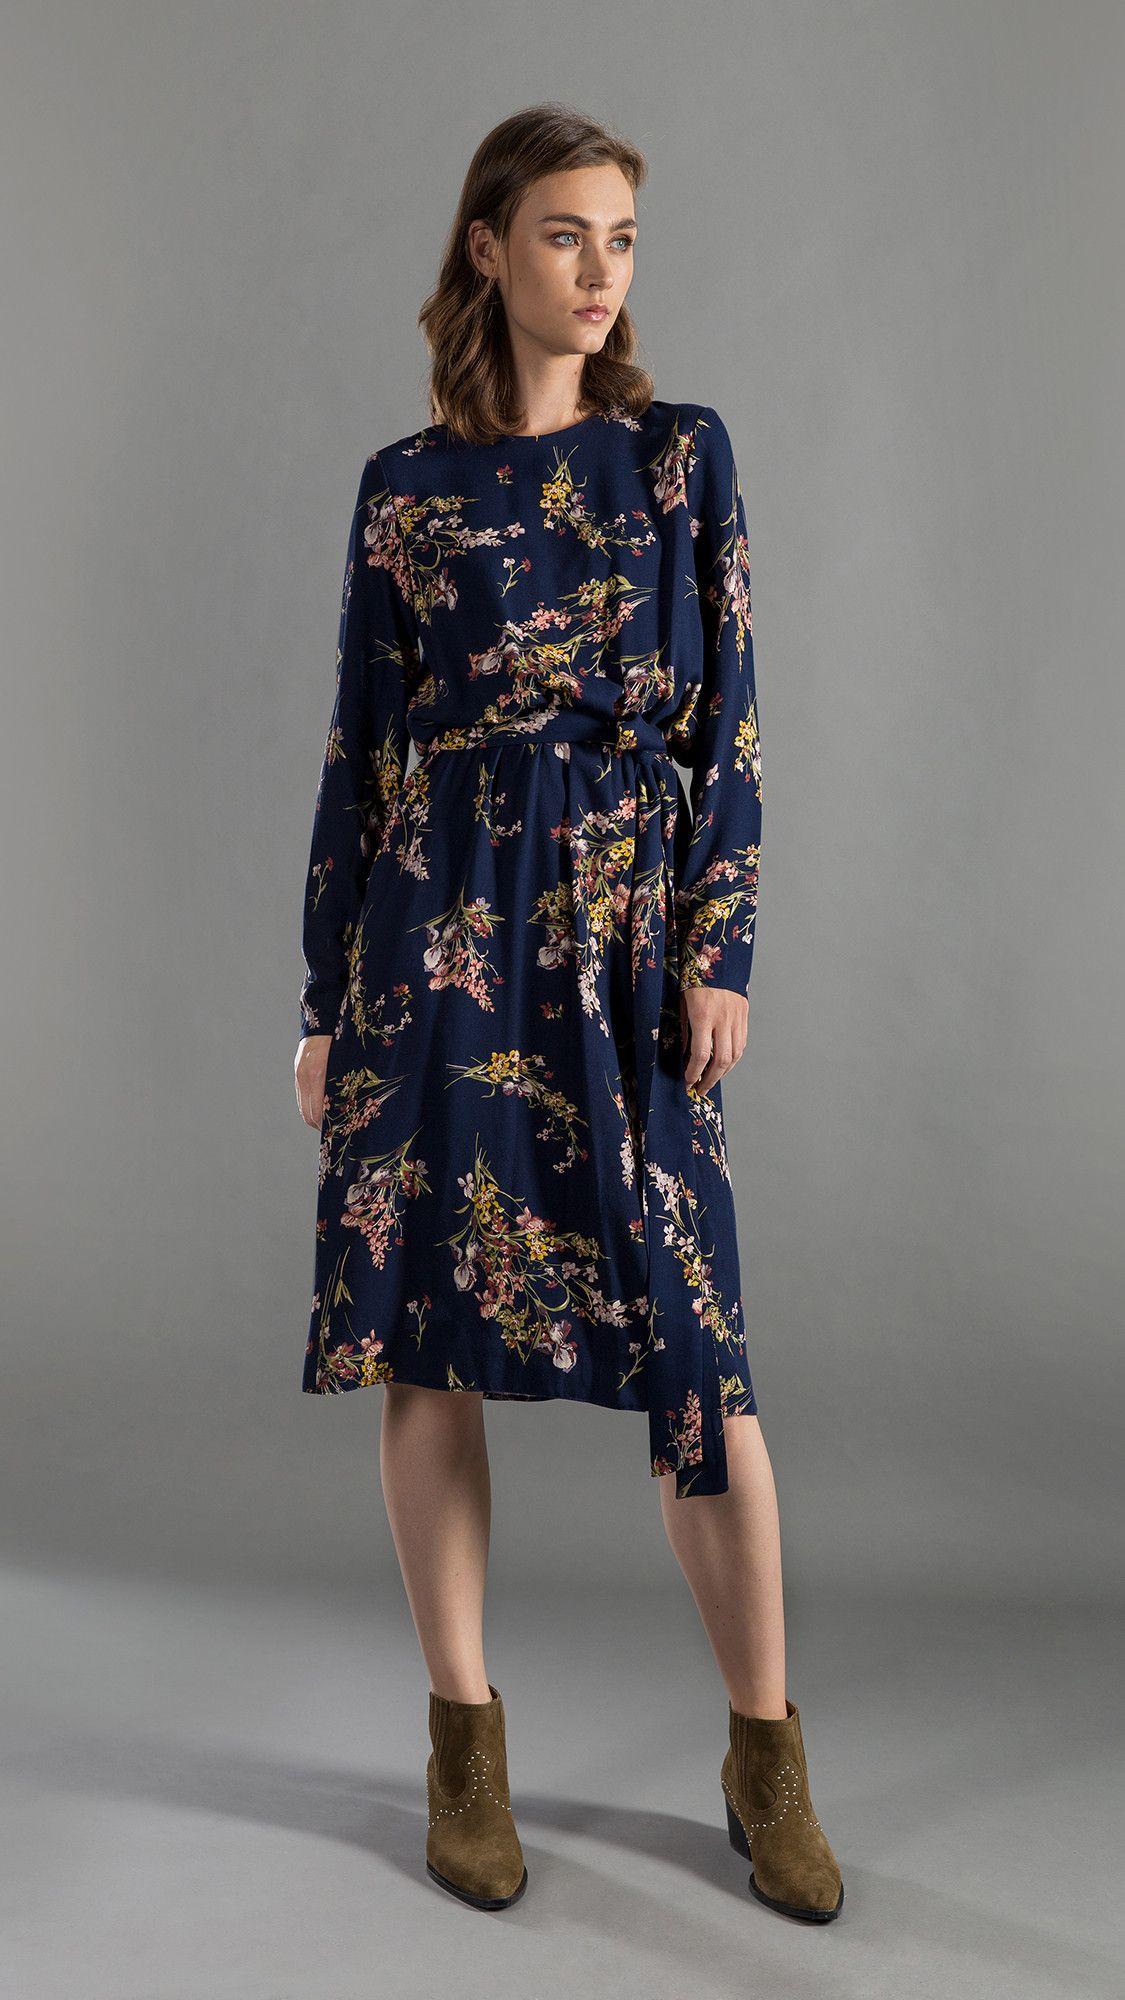 Dress Amelia Floral Navy